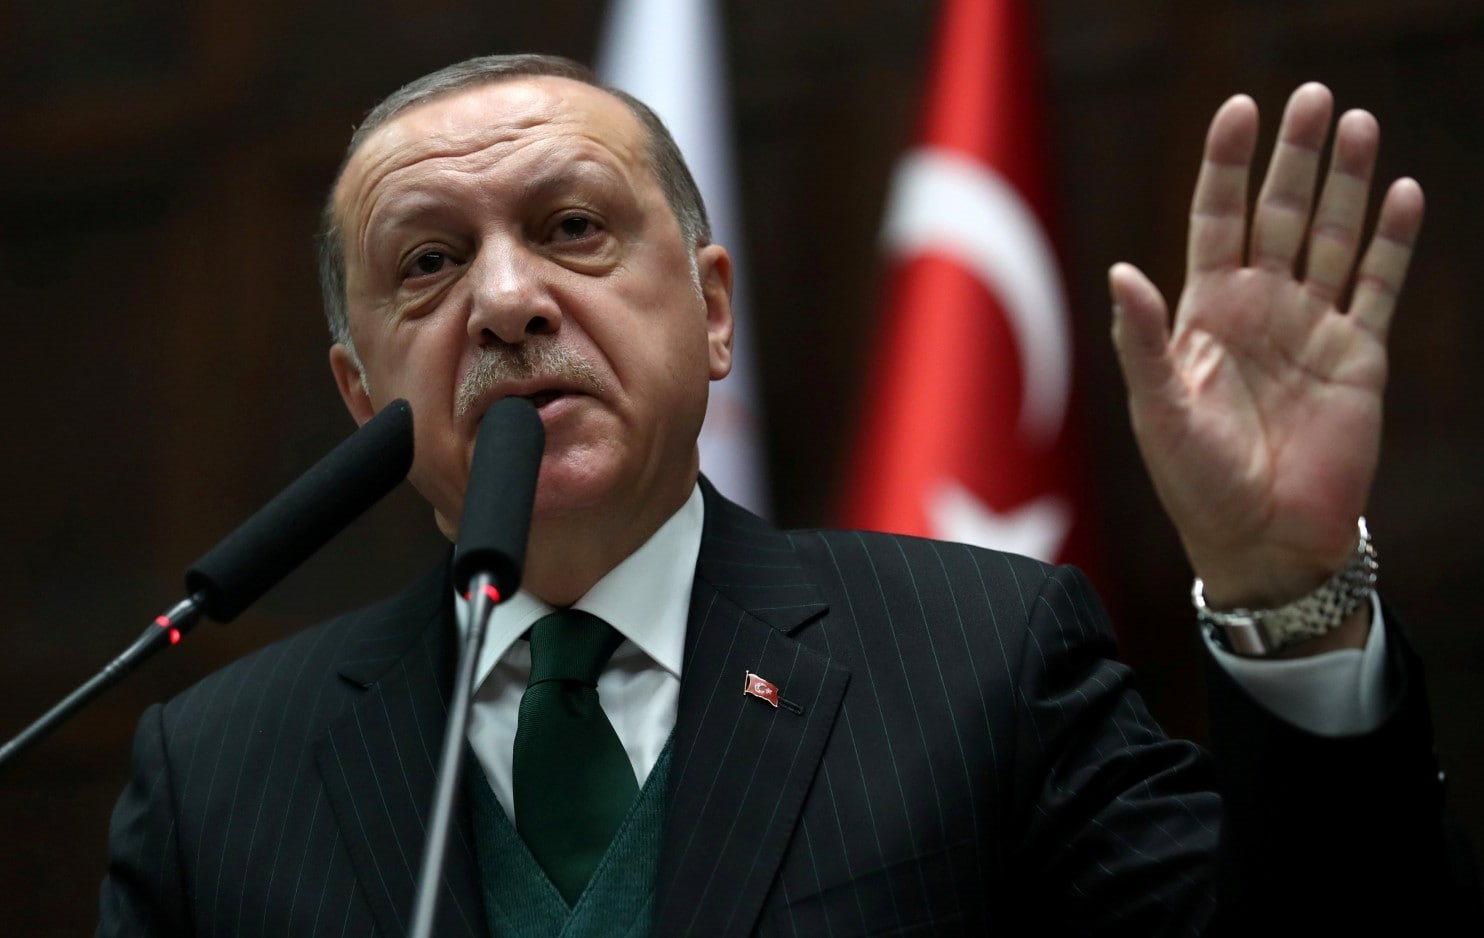 الرئيس التركي رجب طيب أردوغان في أنقرة في السادس من آذار/مارس.